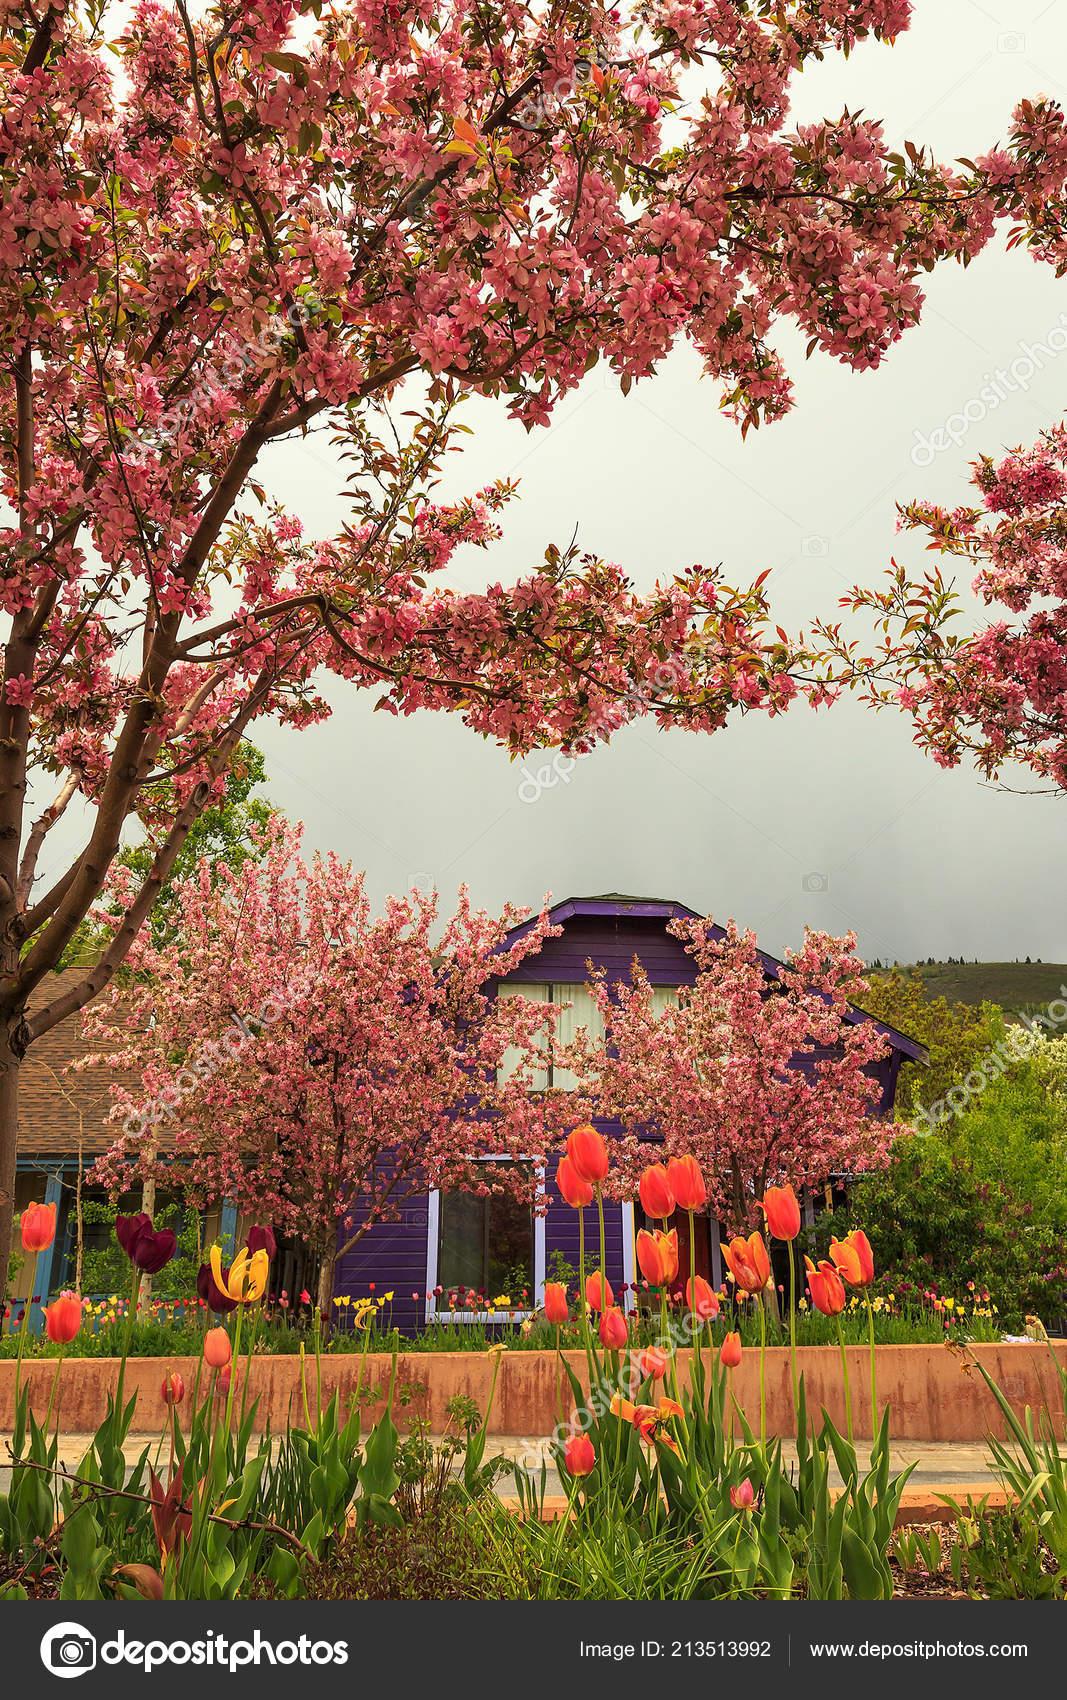 pays maison apple arbre fleur paysage rural — photographie